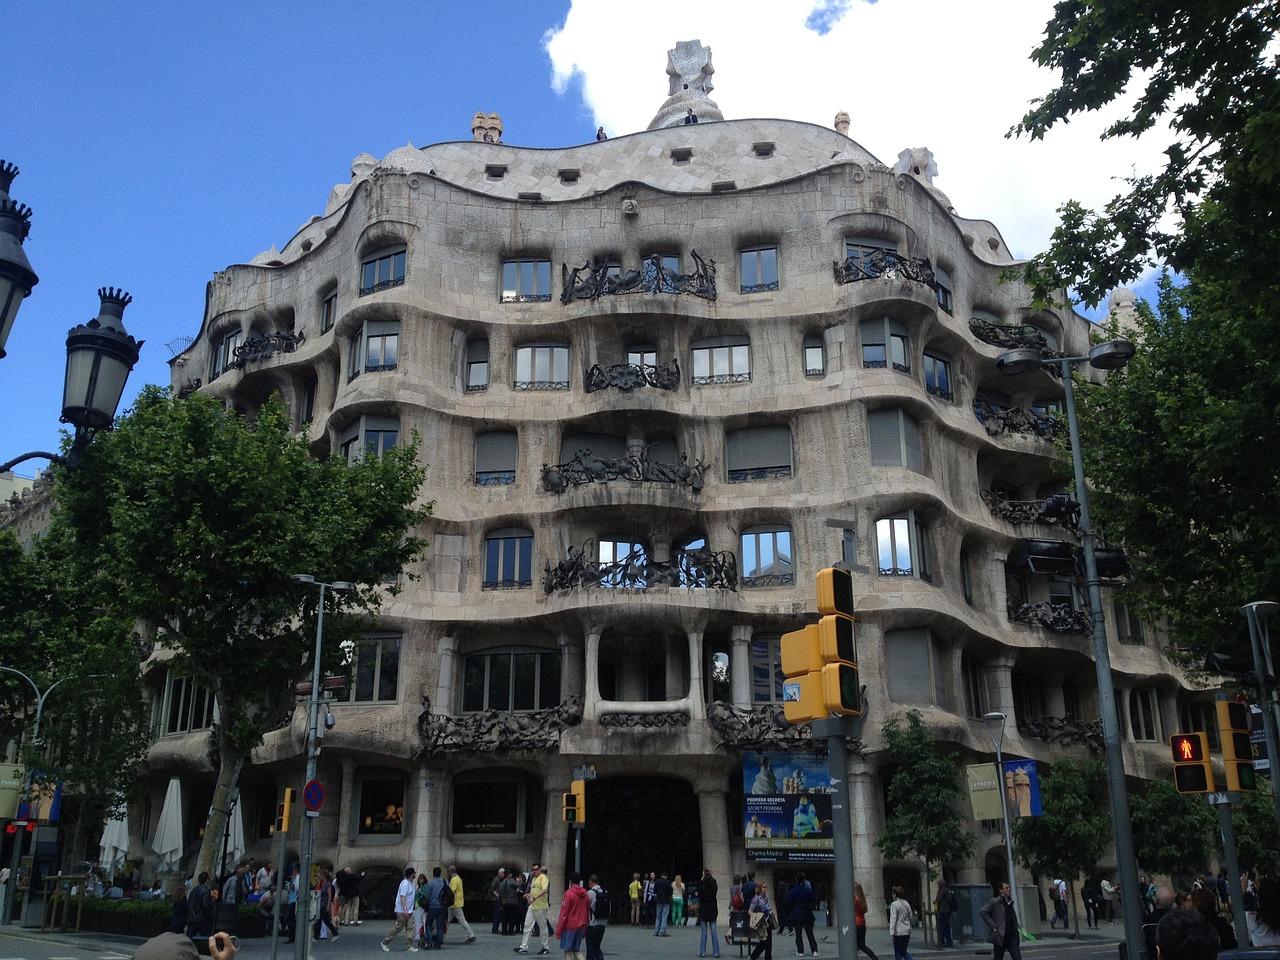 Si vous décidez d'acquérir un bien immeuble en Espagne, vous devez savoir que l'achat du bien devra être réalisé devant un Notaire espagnol, puis que cet achat sera enregistré auprès du registre espagnol de la propriété correspondant.